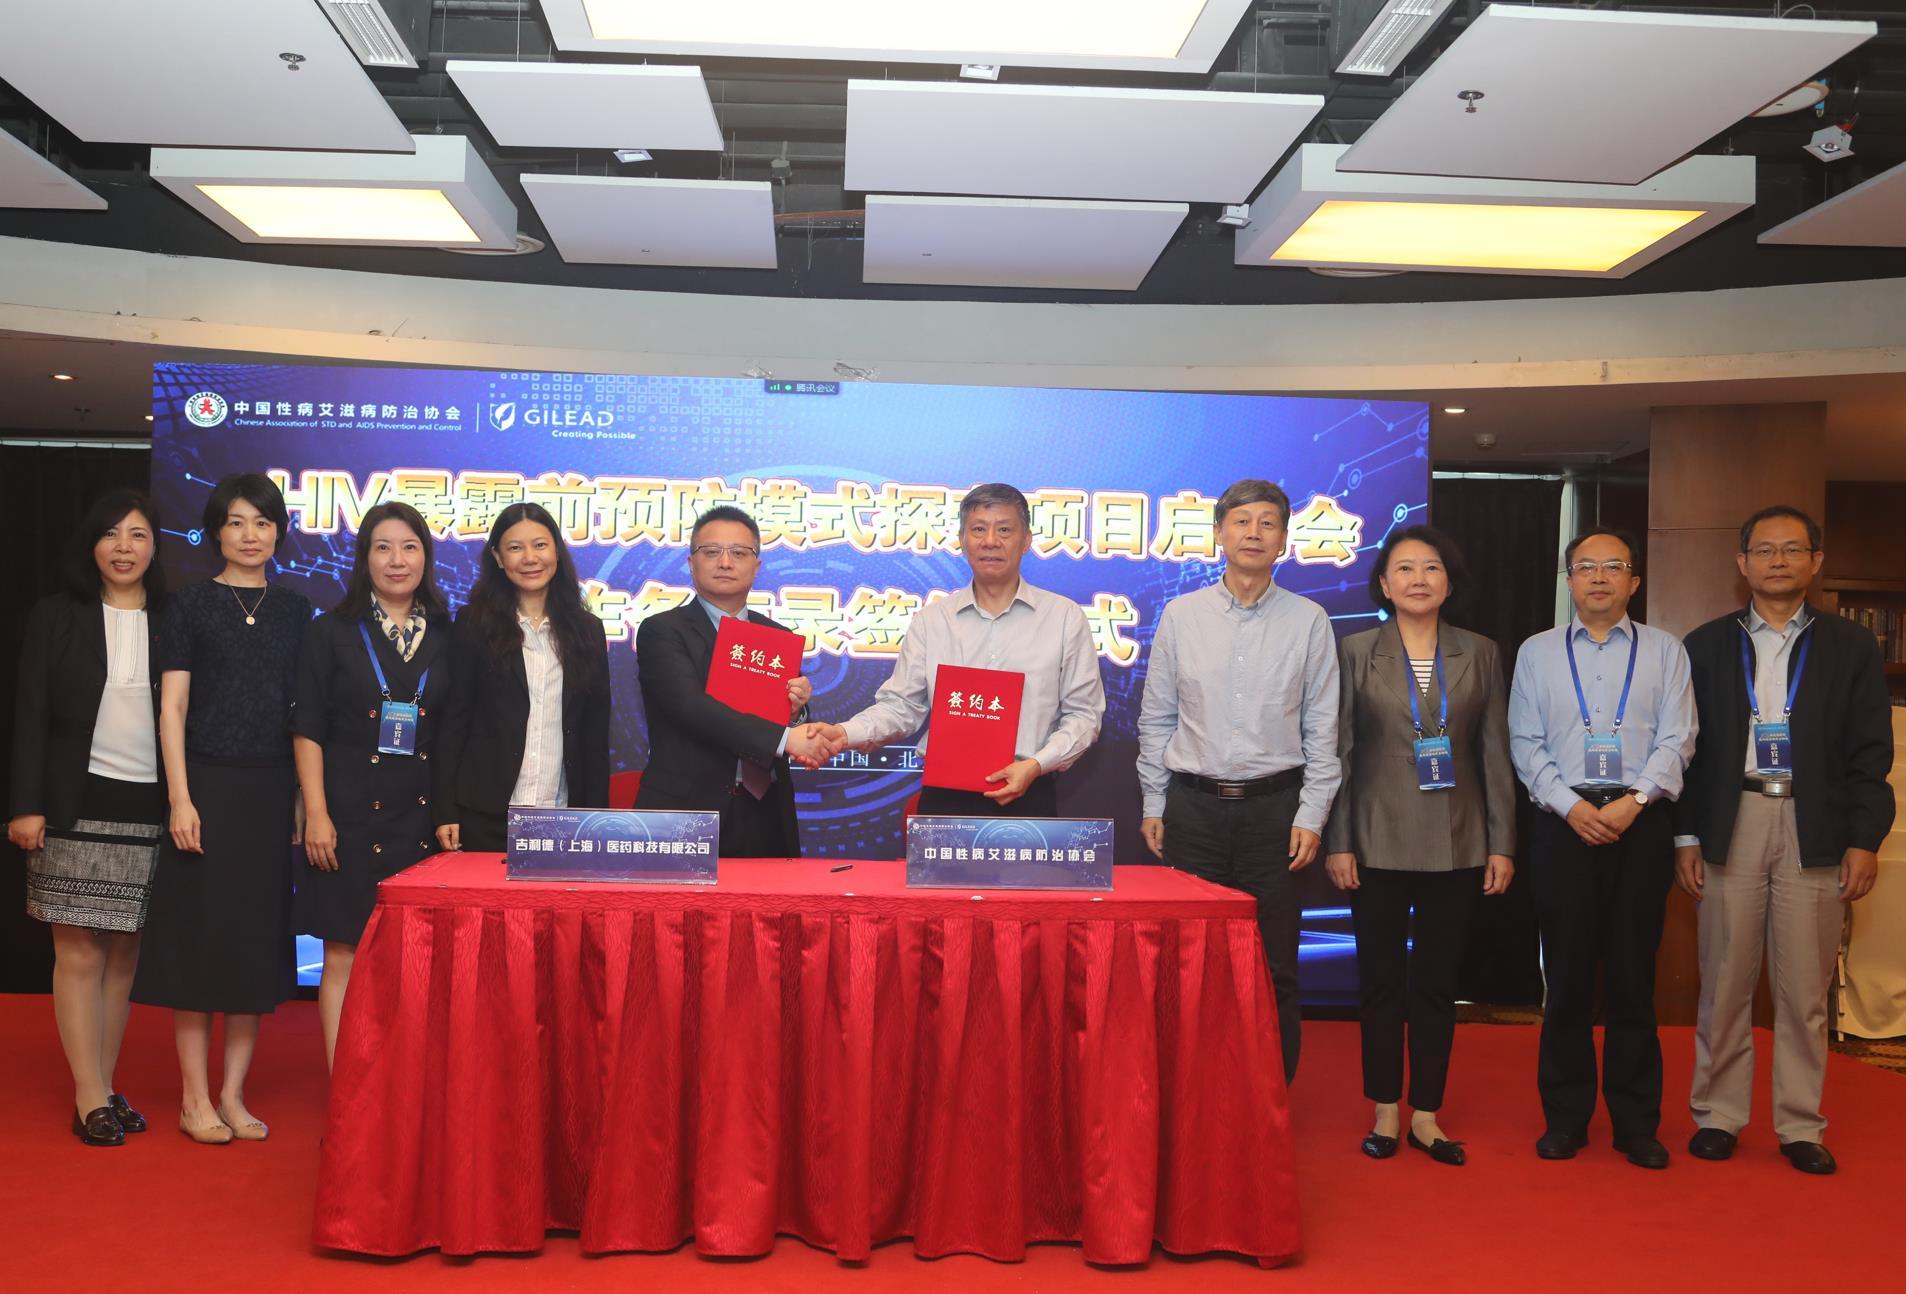 吉利德科学与中国性病艾滋病防治协会达成战略合作,携手探索推进我国HIV预防模式